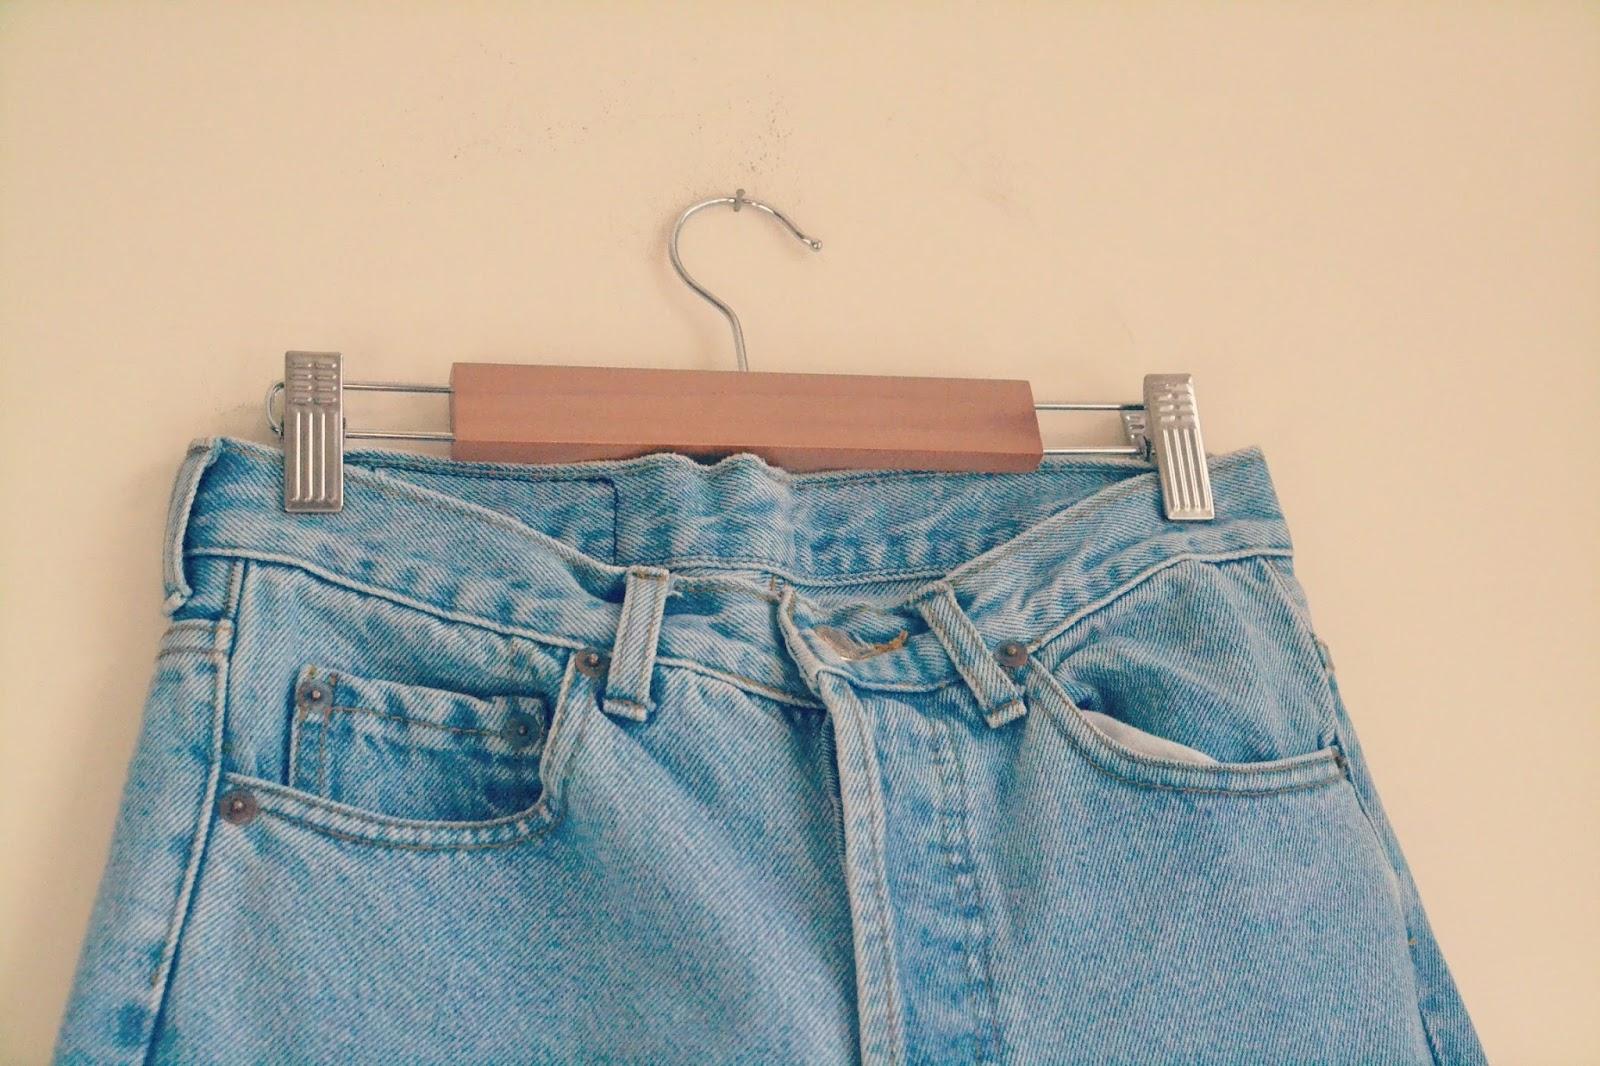 Vintage Levis jeans 501